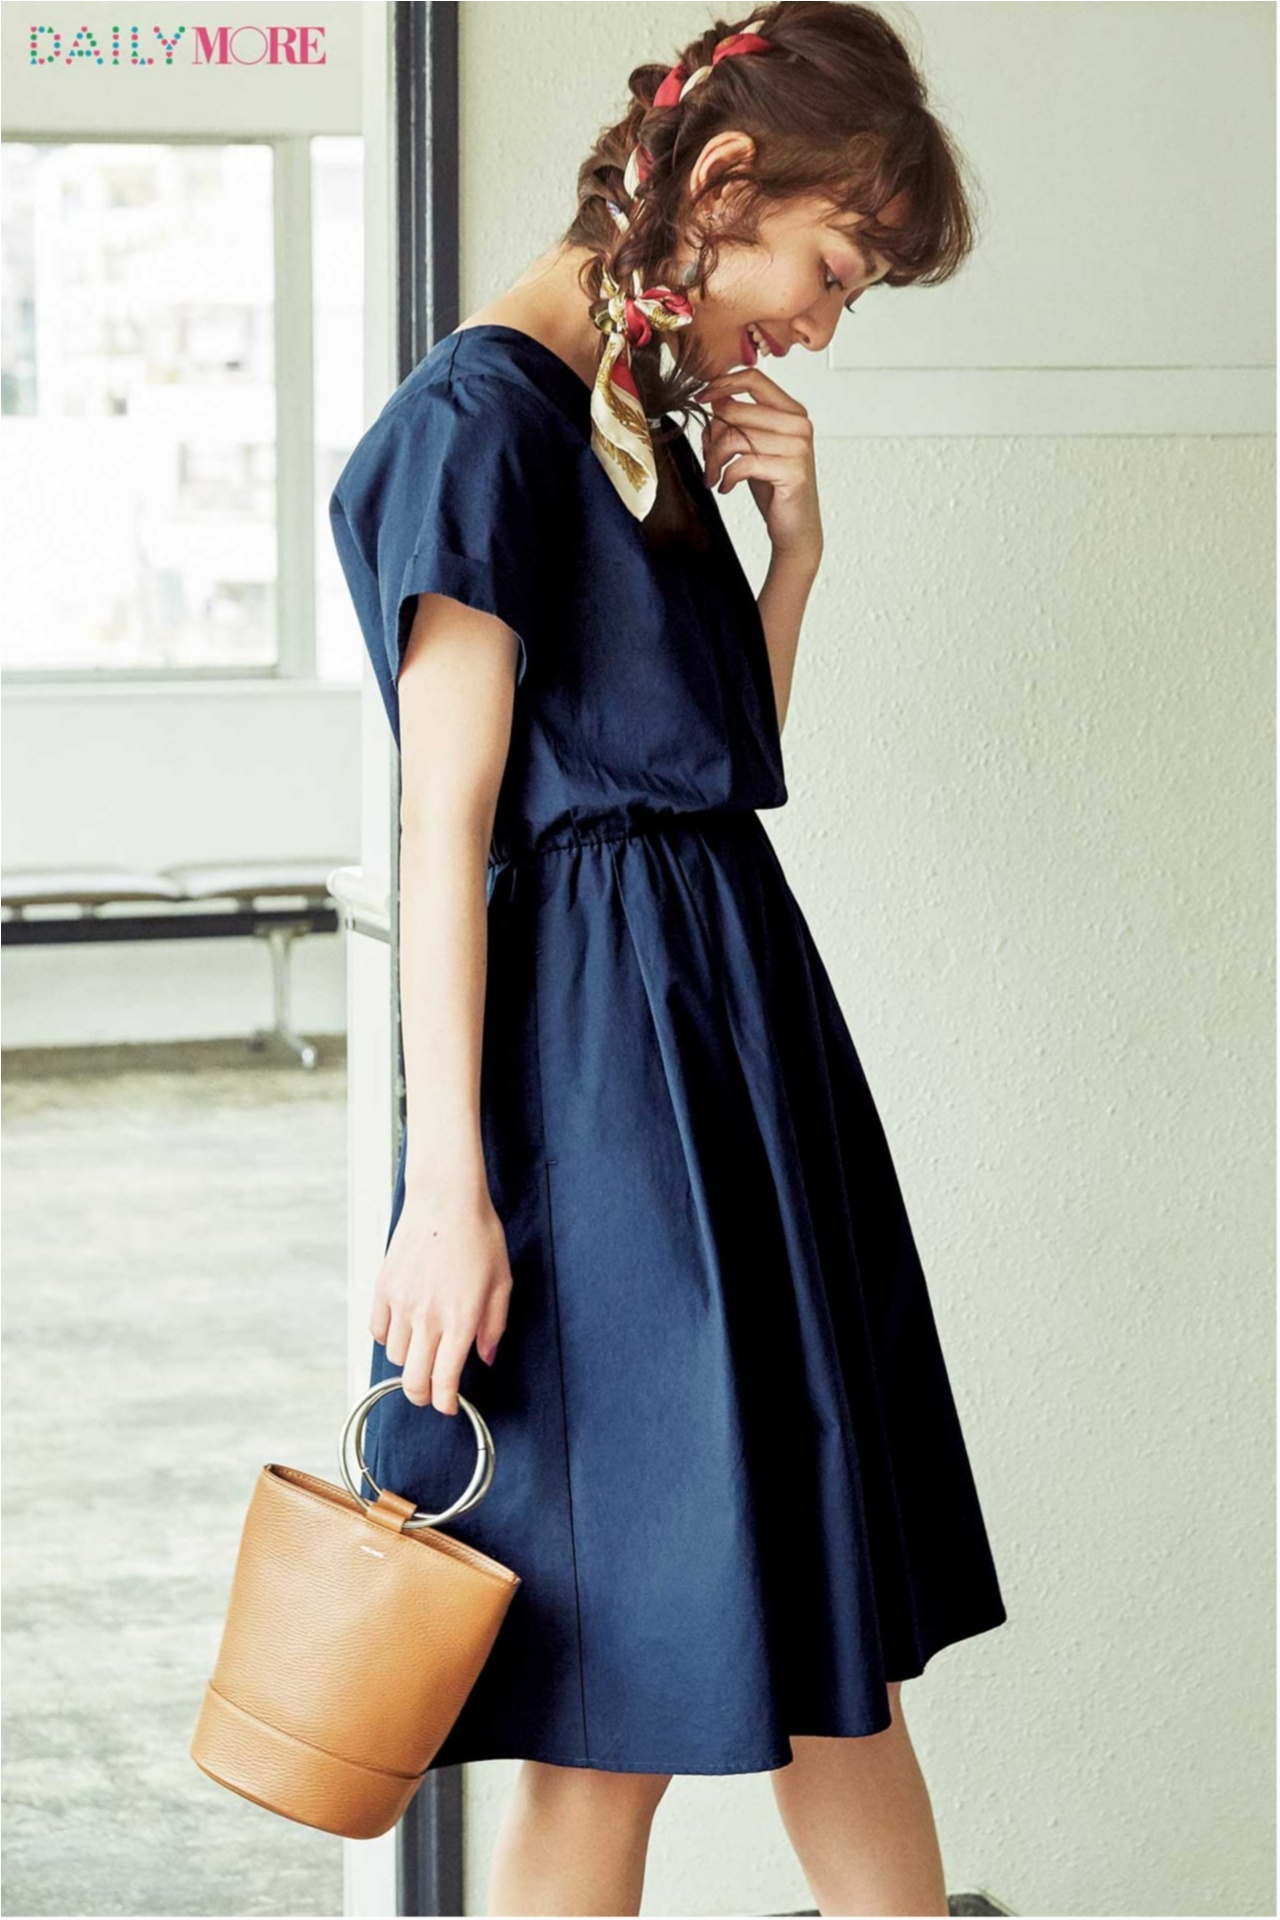 楽してかわいく夏らしく♪ 「サマードレス」コーデまとめ♡_1_18